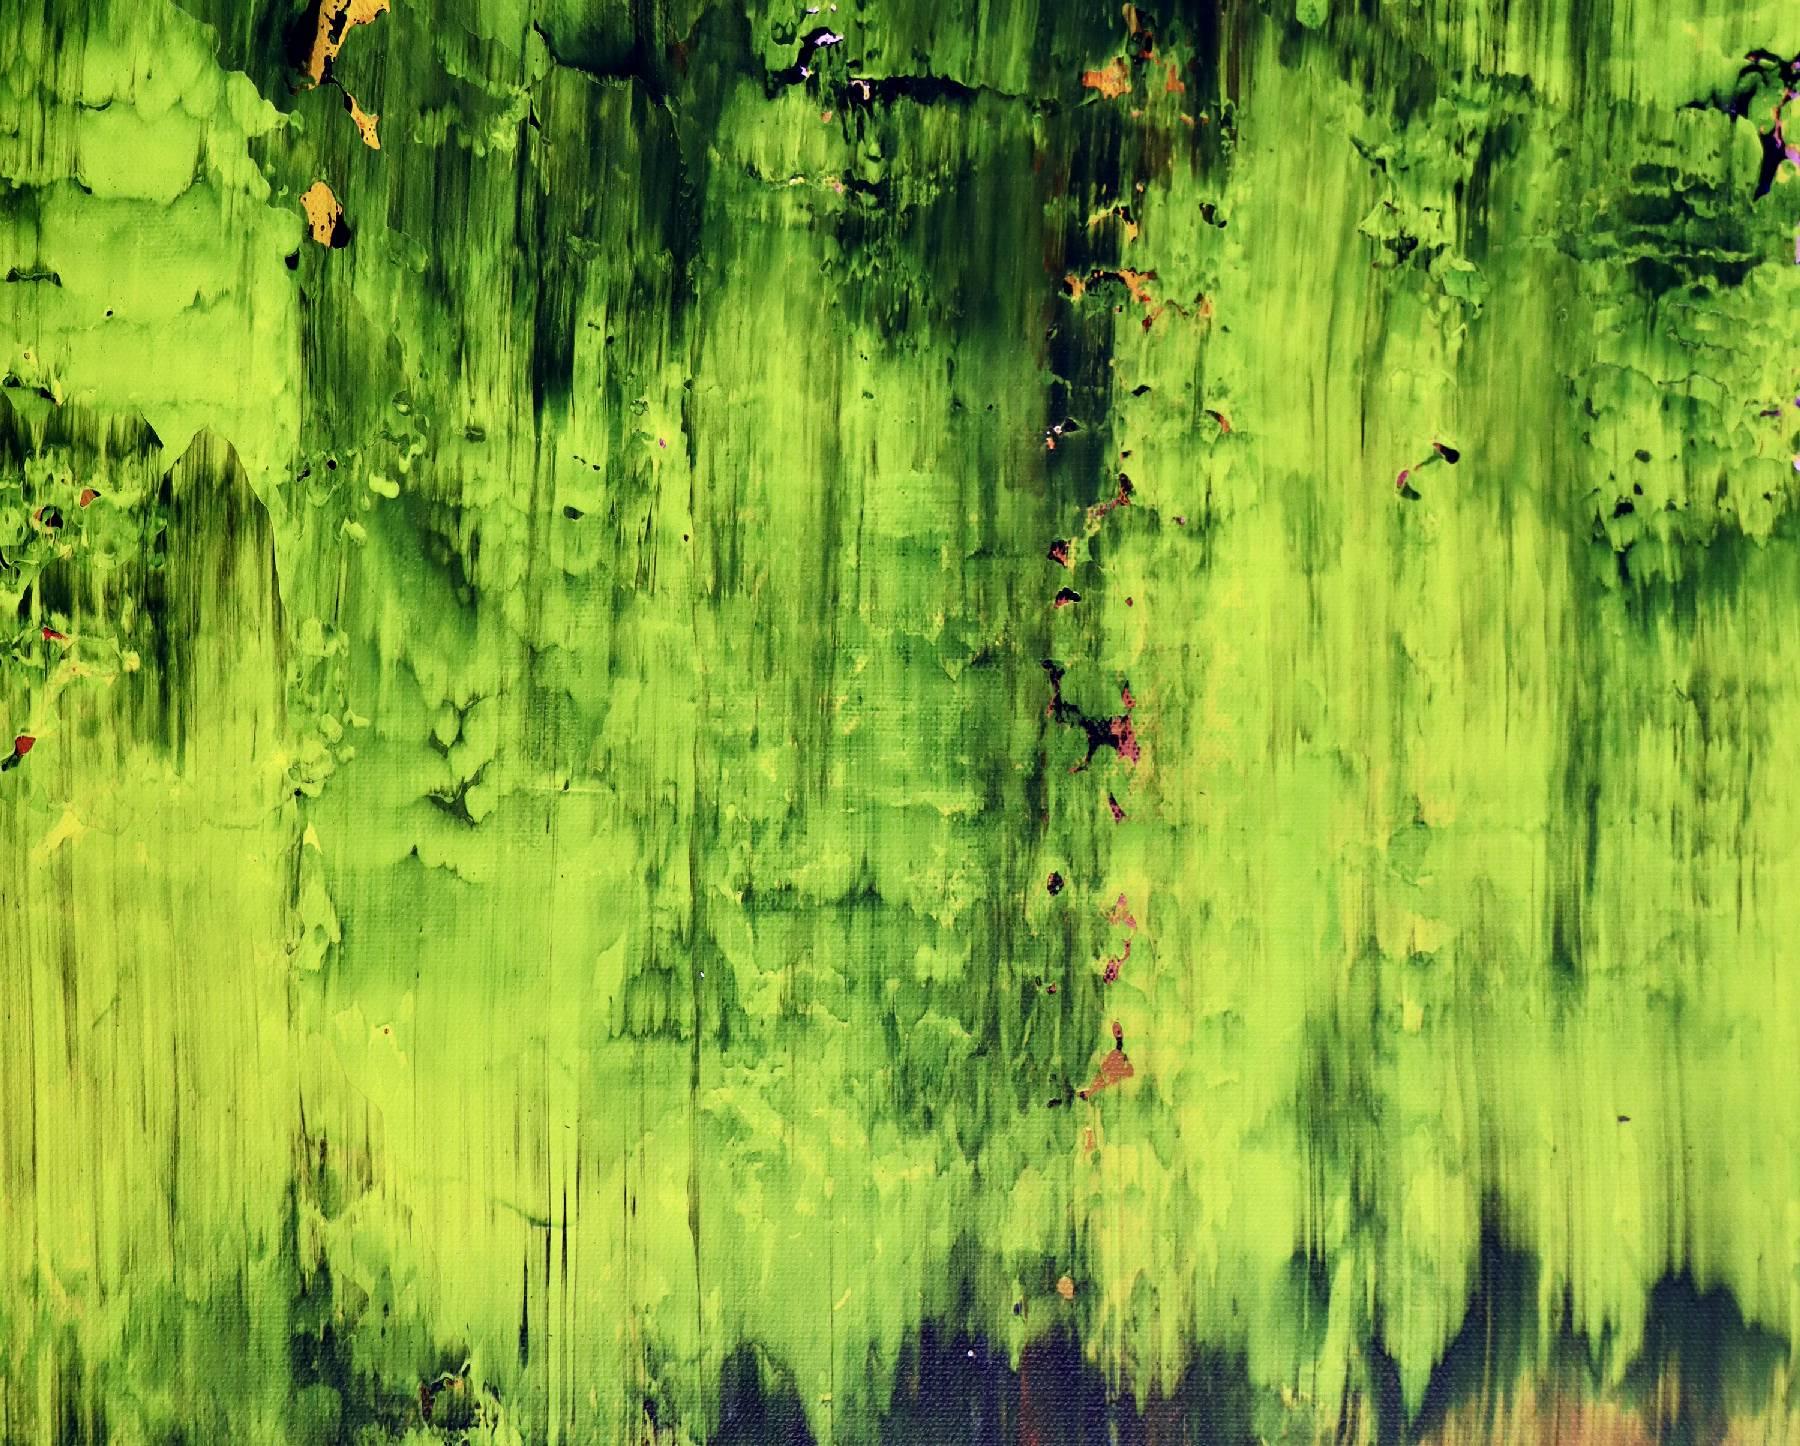 Detail - Caribbean Forest Solitude (2020) by Nestor Toro